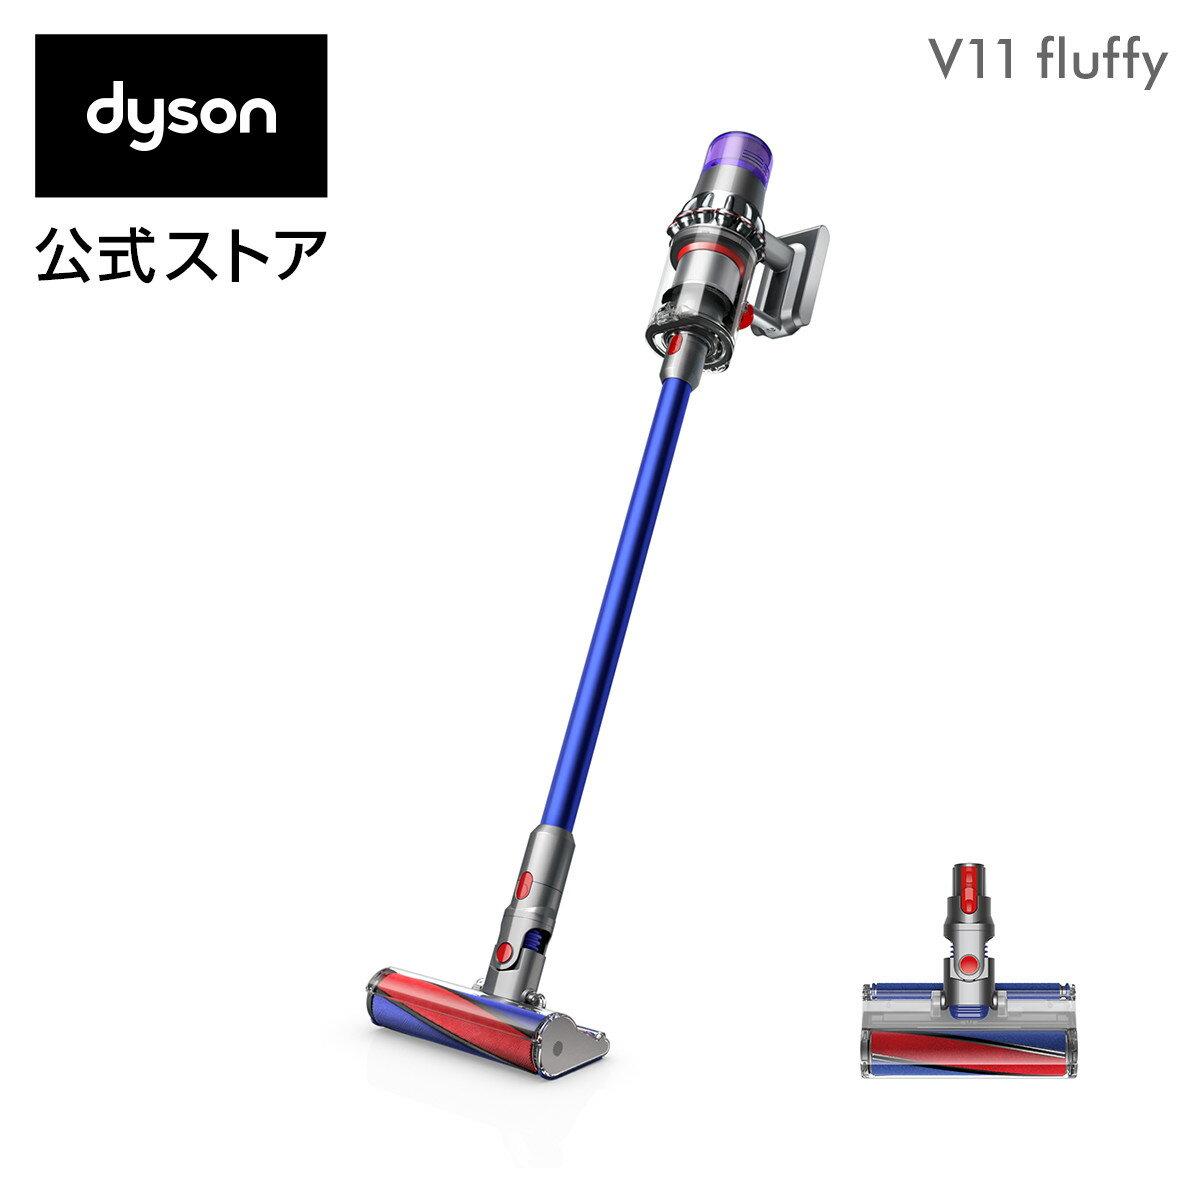 コードレス掃除機「Dyson V11」